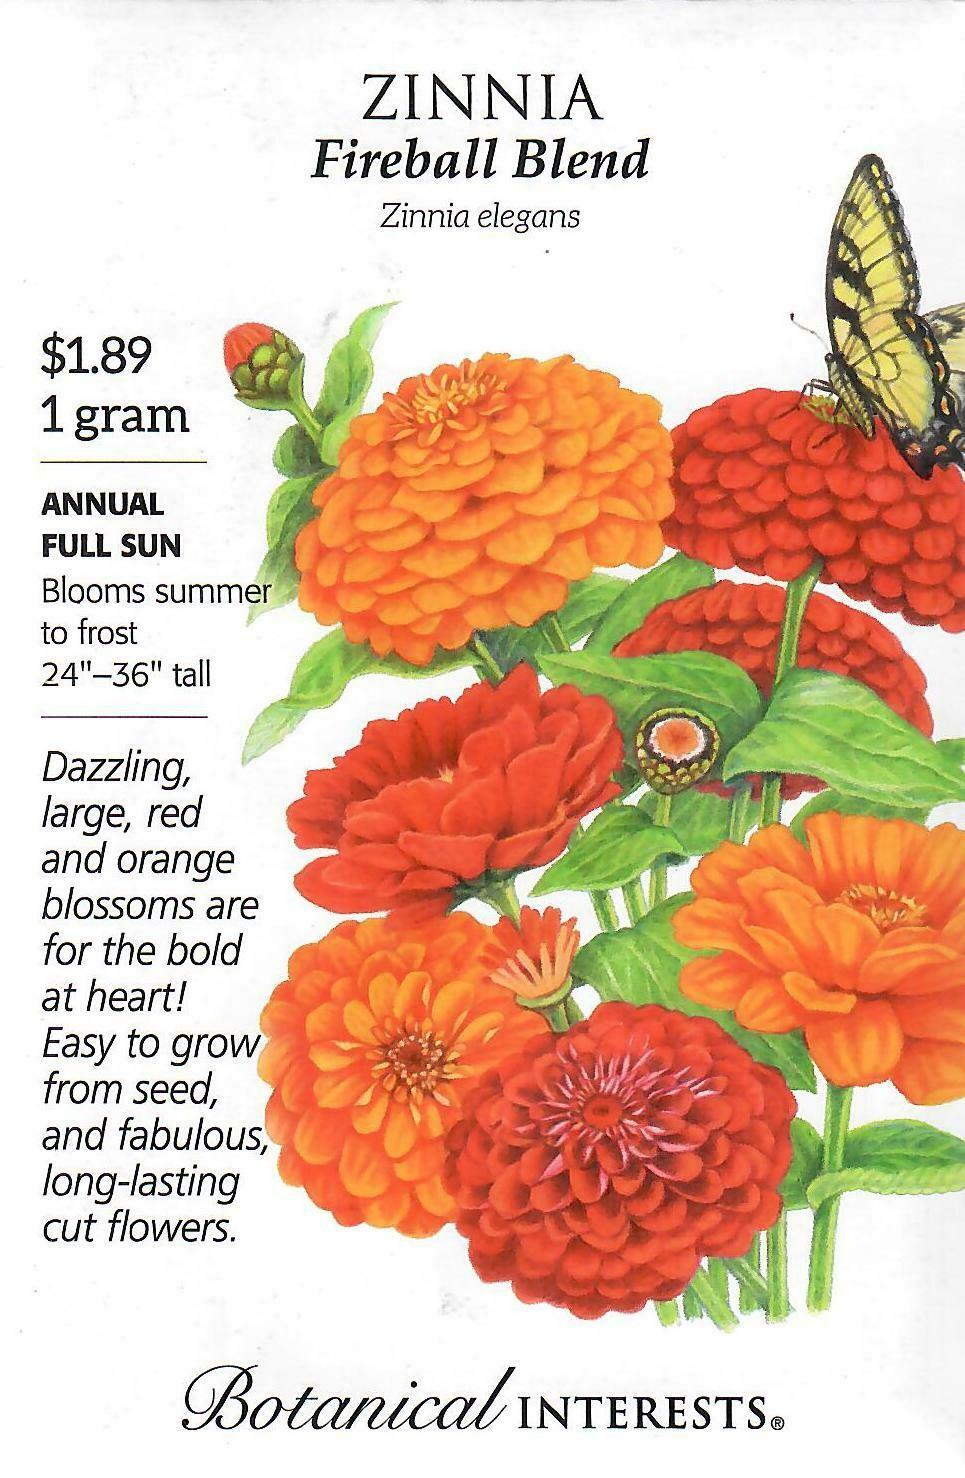 Zinnia Fireball Blend Botanical Interests